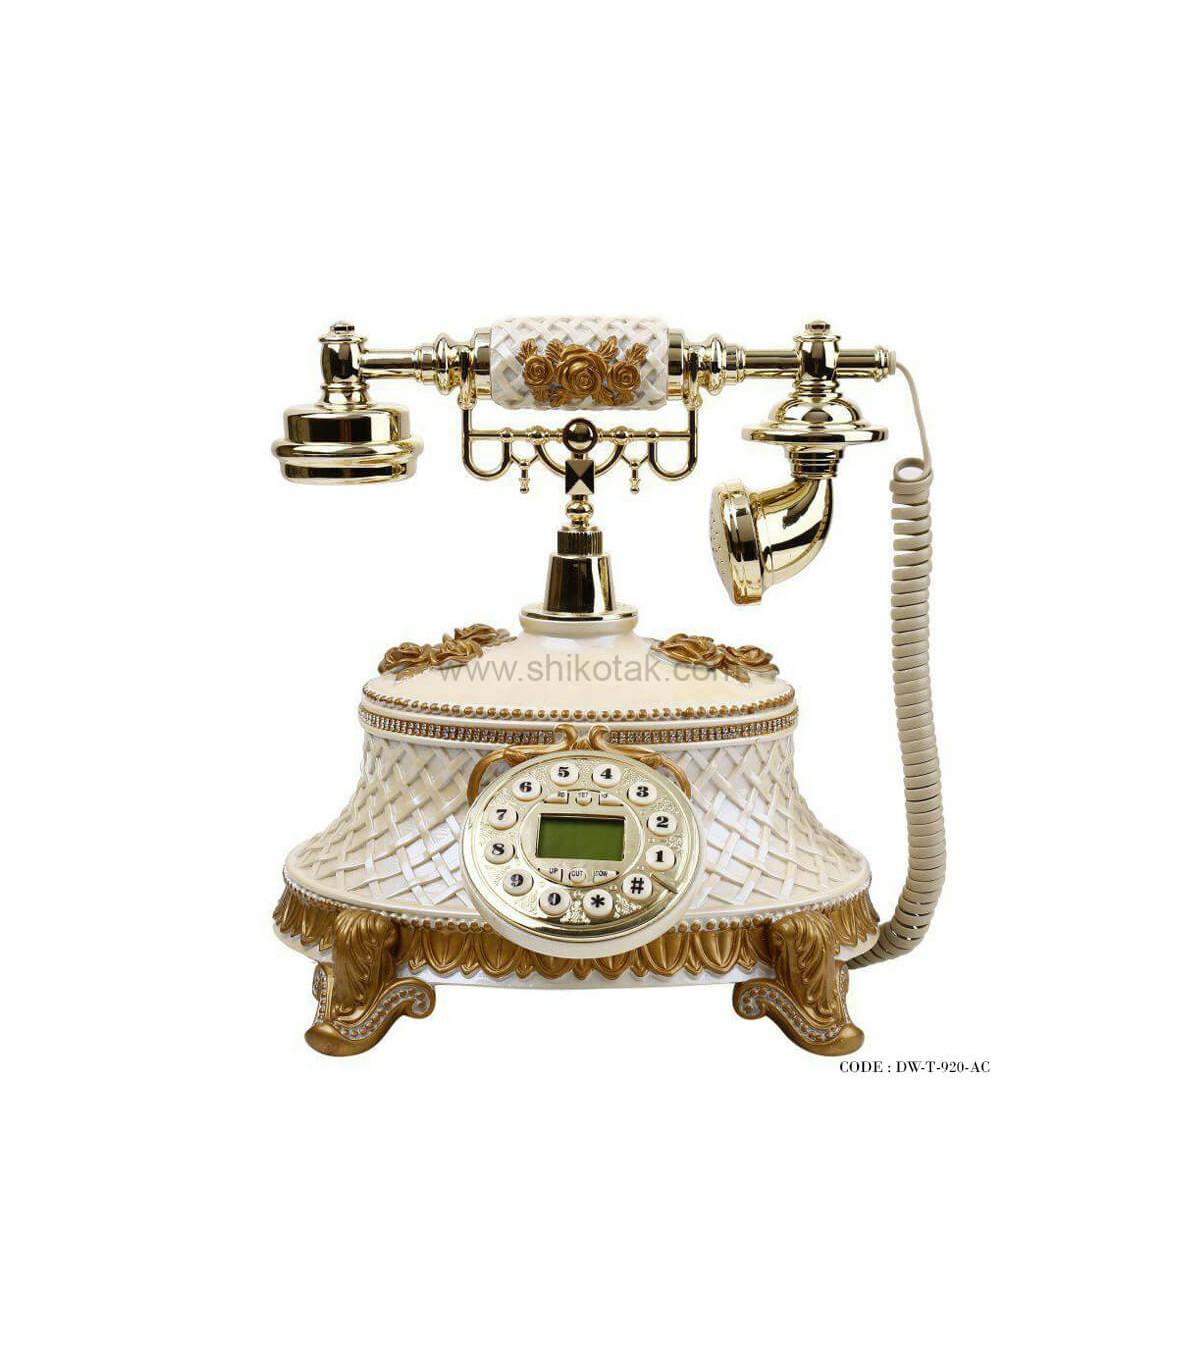 تلفن رومیزی طرح قدیمی سری 920